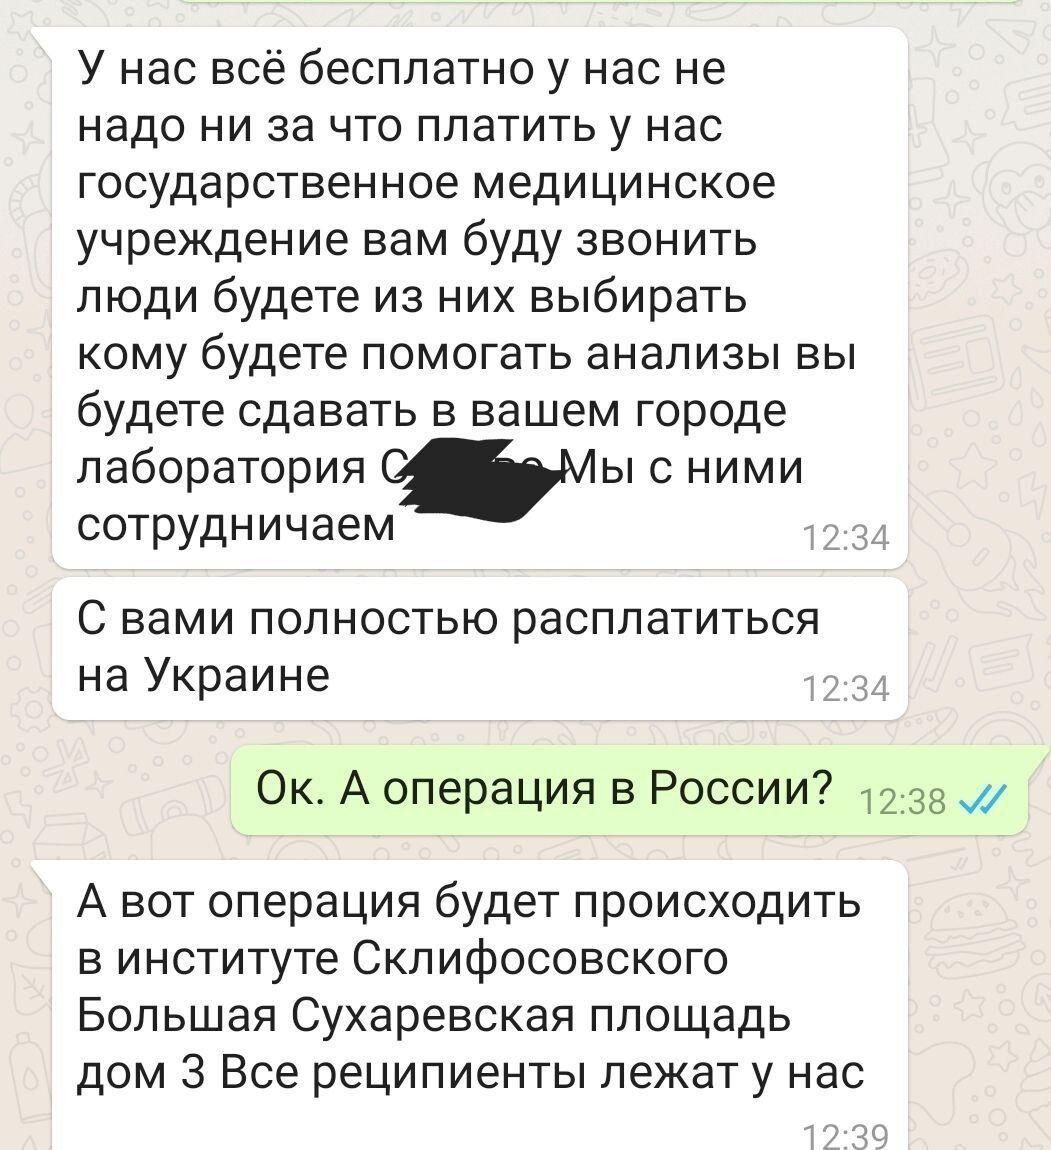 Українці продають органи за кордон, але їх обманюють із грошима: хто і як скоює злочини